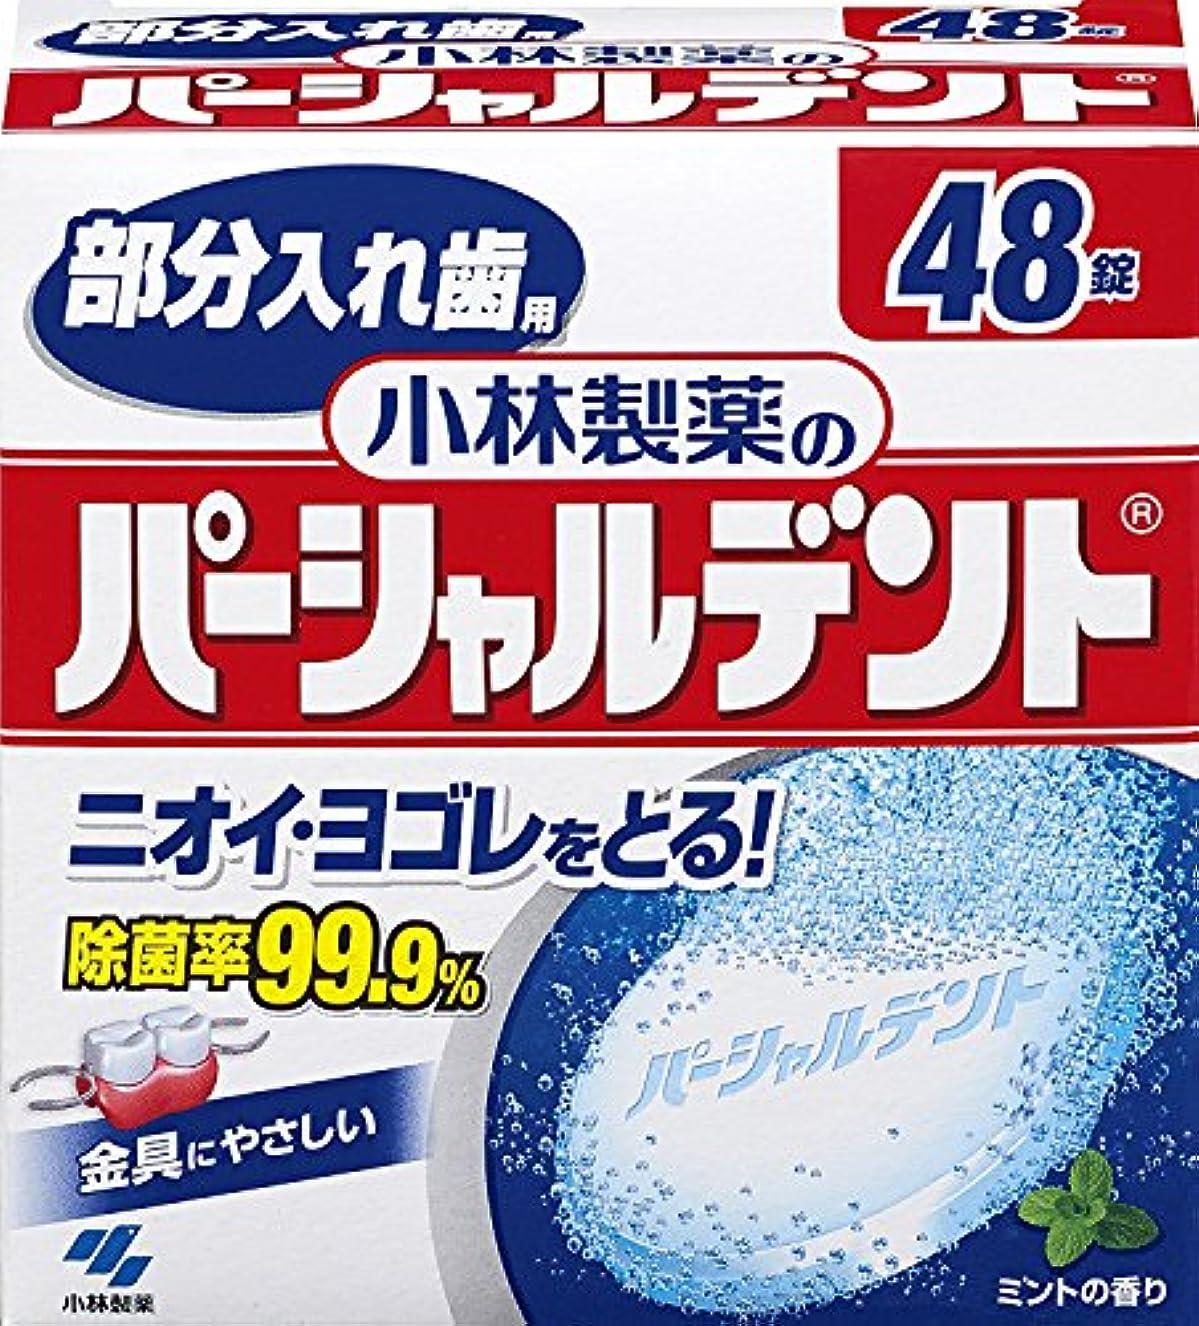 句アジャサーカス小林製薬のパーシャルデント 部分入れ歯用 洗浄剤 ミントの香 48錠